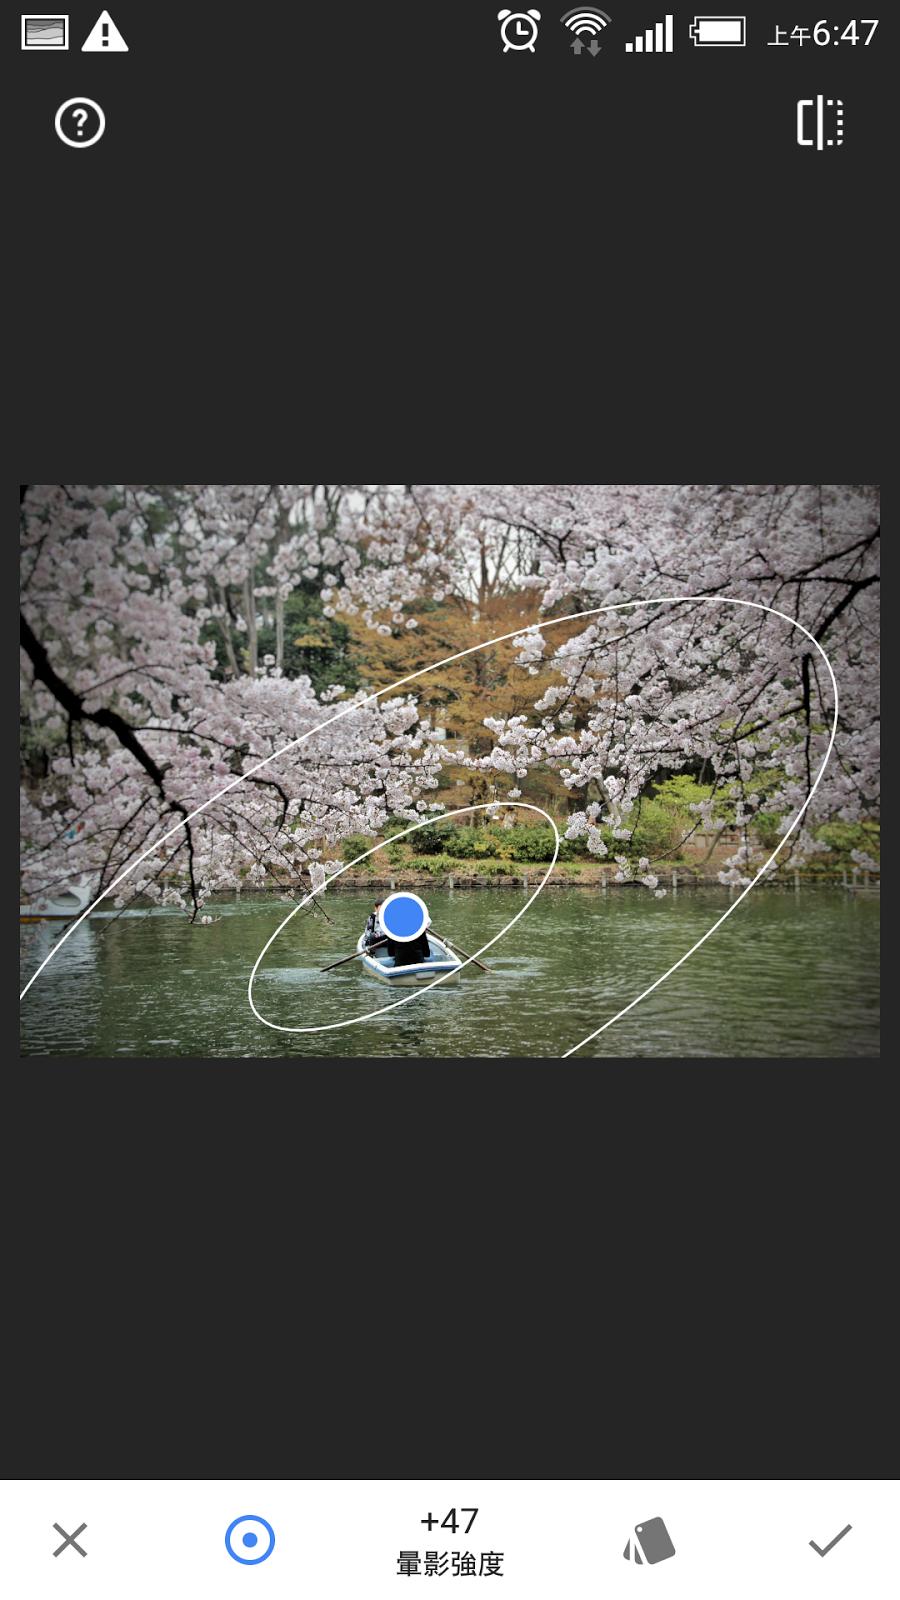 Snapseed 2 最神奇的修圖 App 不可錯過七大新功能 數位時代